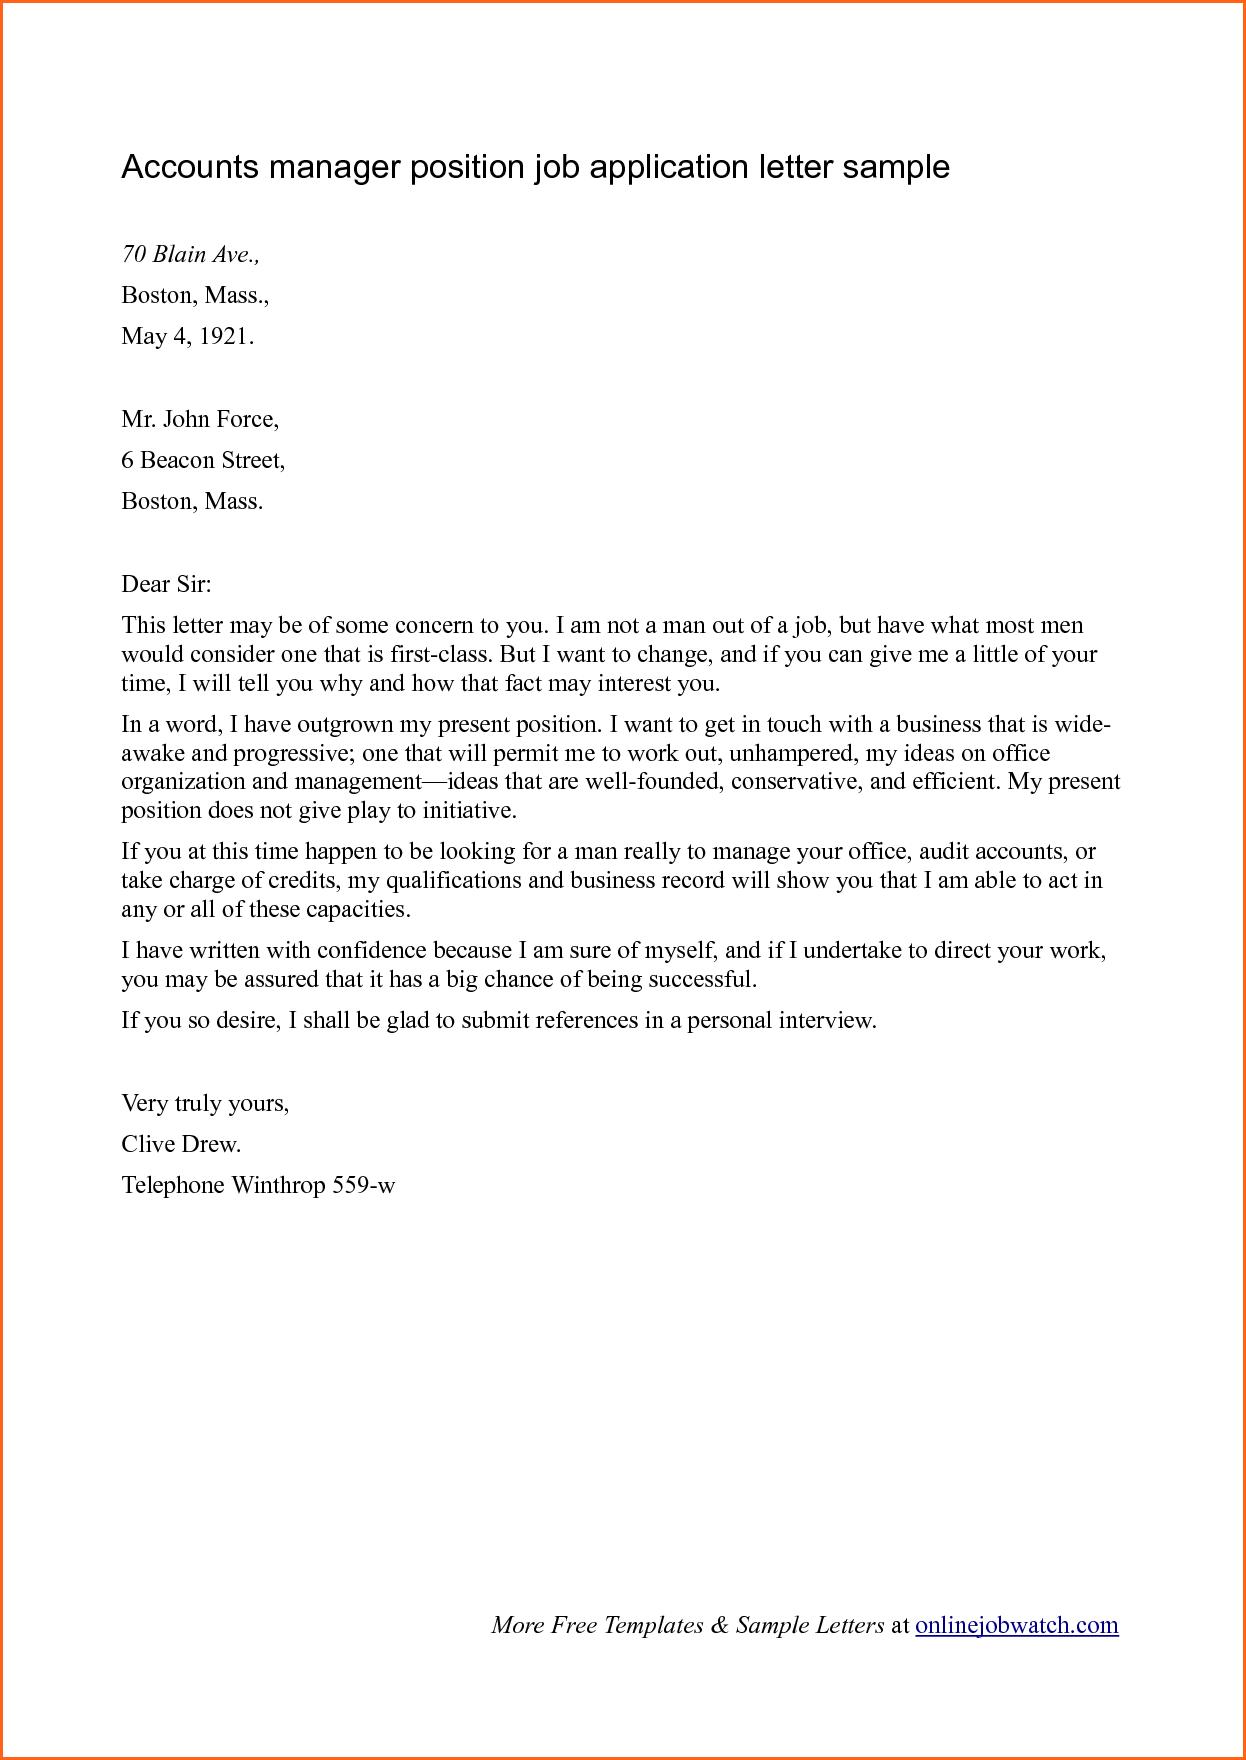 New Letter format for Job Job application letter sample